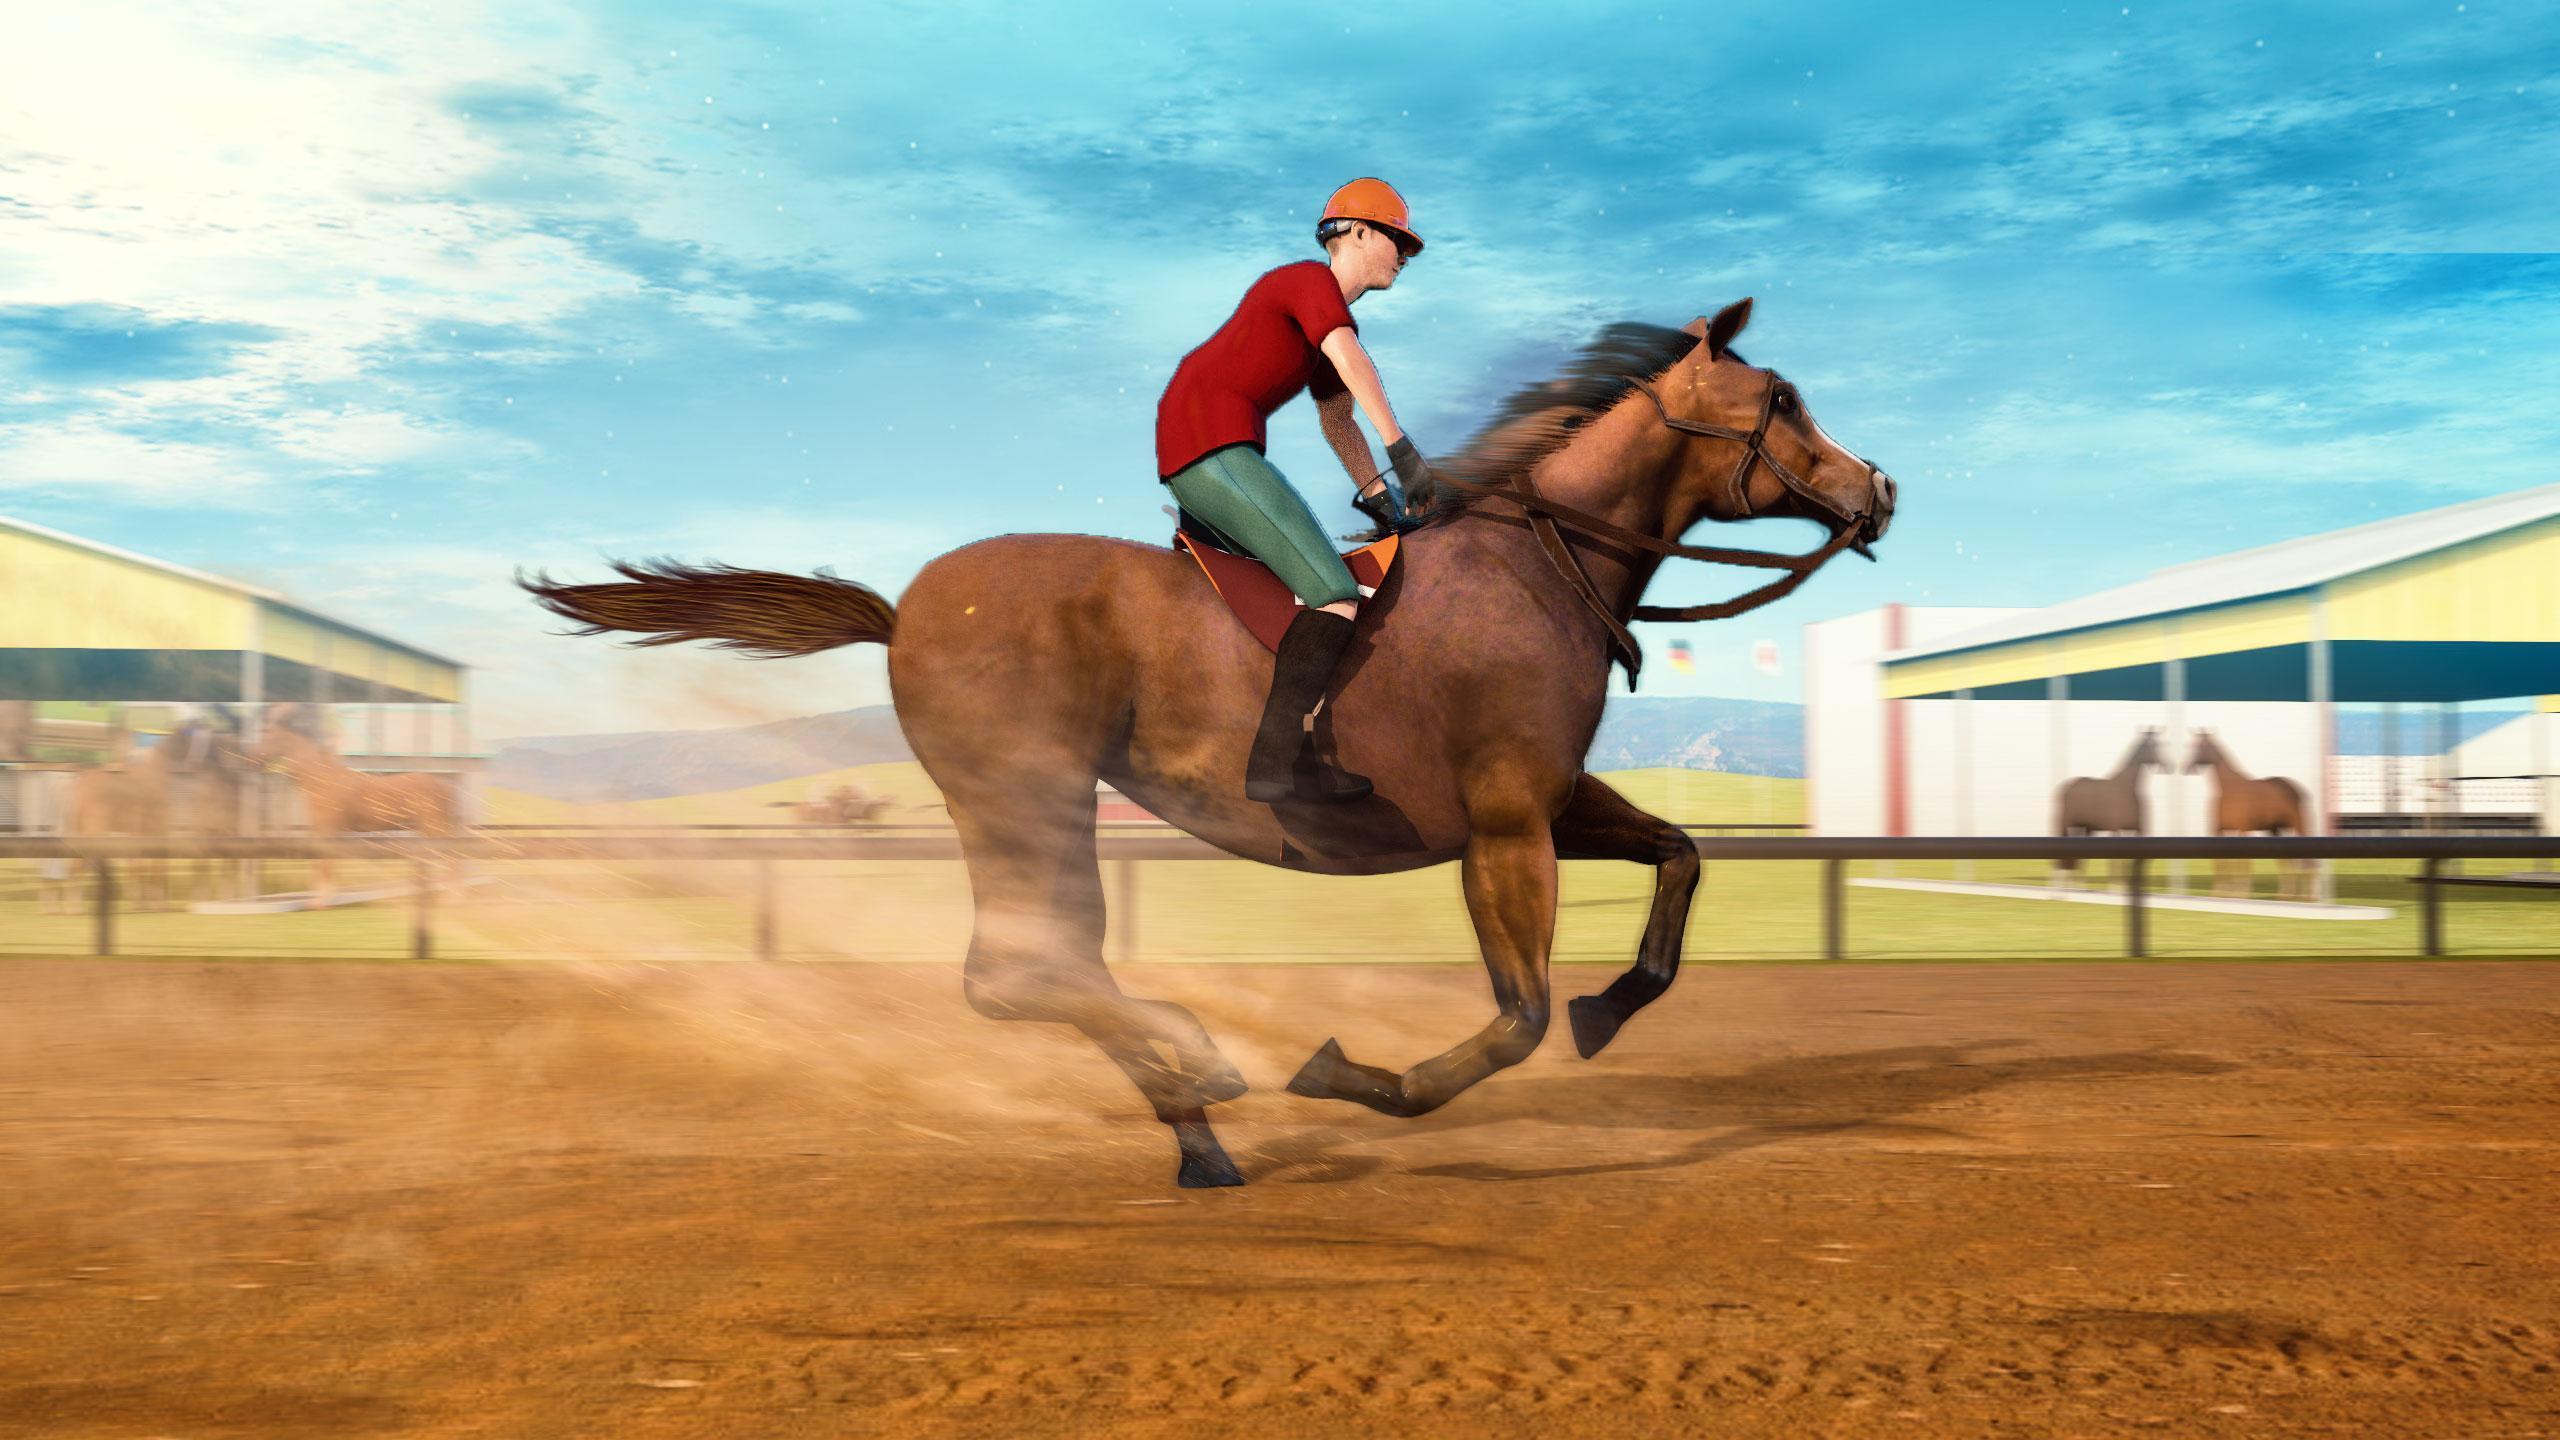 Horse Racing Games 2020: Derby Riding Race 3d 4.1 Screenshot 3